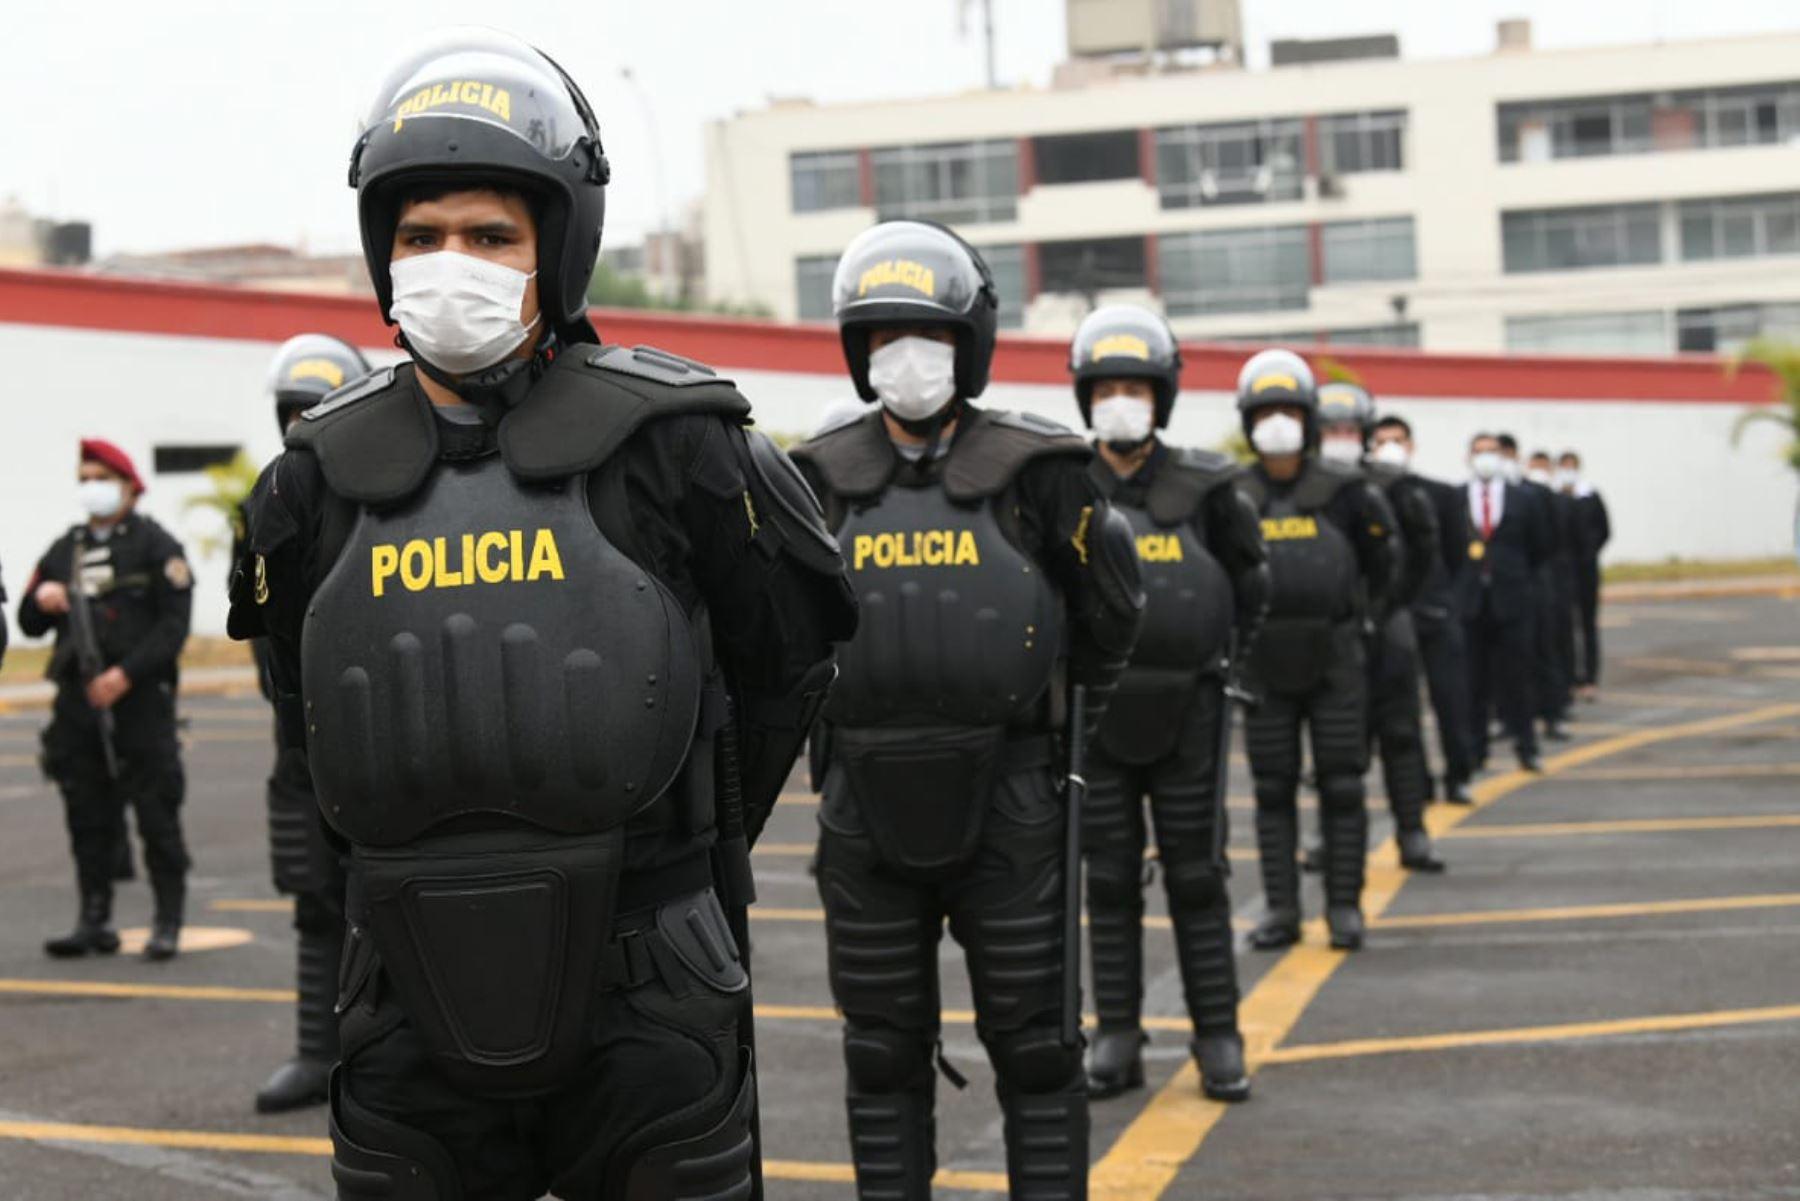 Se hará uso gradual de la fuerza, sostiene teniente general de la Policía. Foto: ANDINA/difusión.